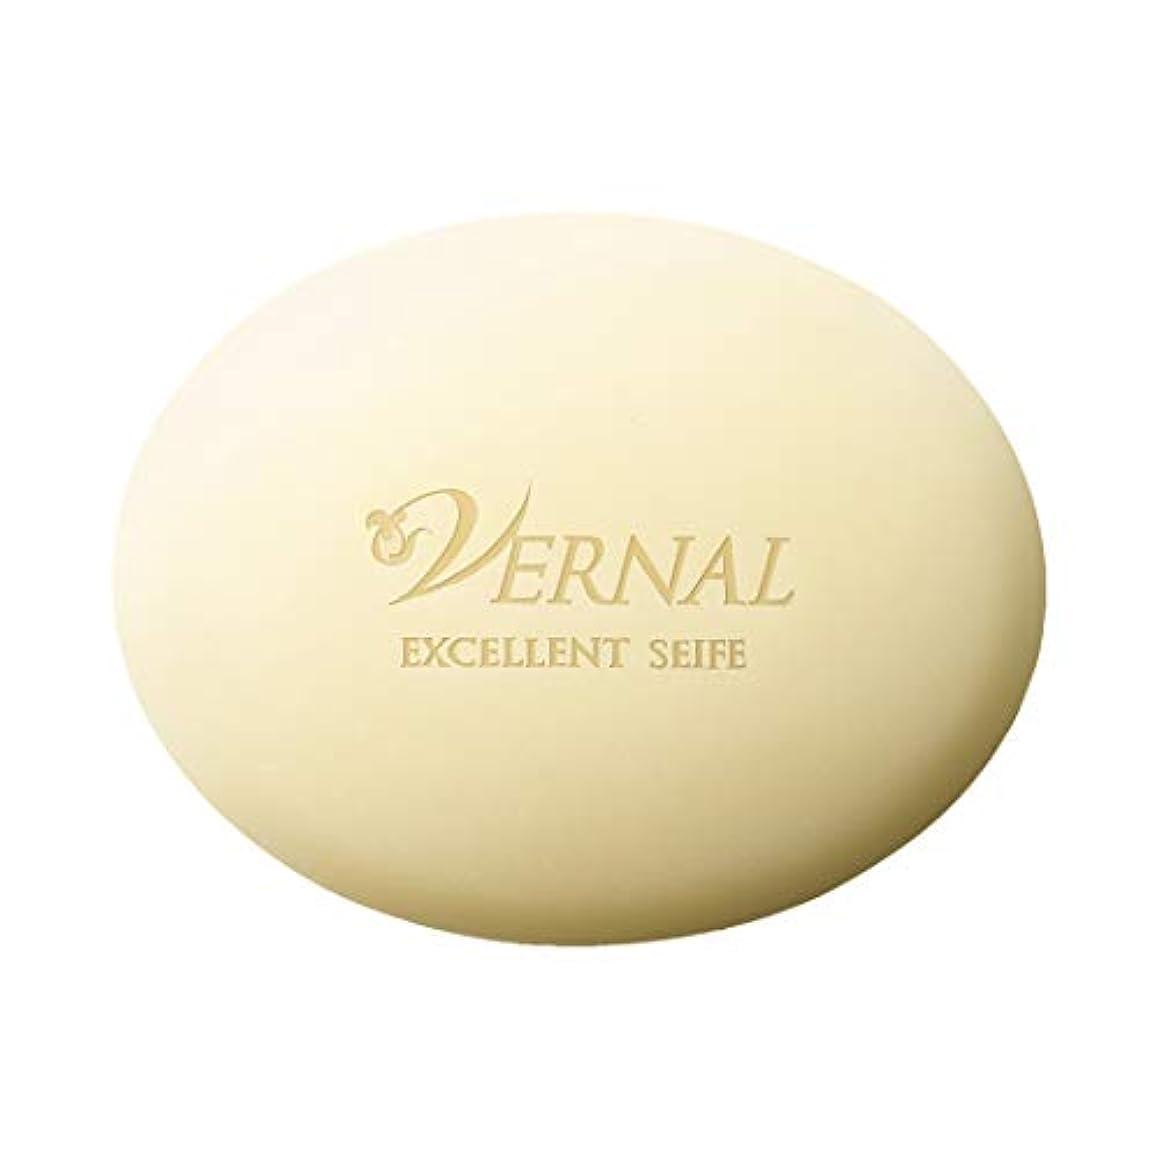 ステープル気づくブレースエクセレントザイフ110g/ヴァーナル 洗顔石鹸 仕上げ洗顔